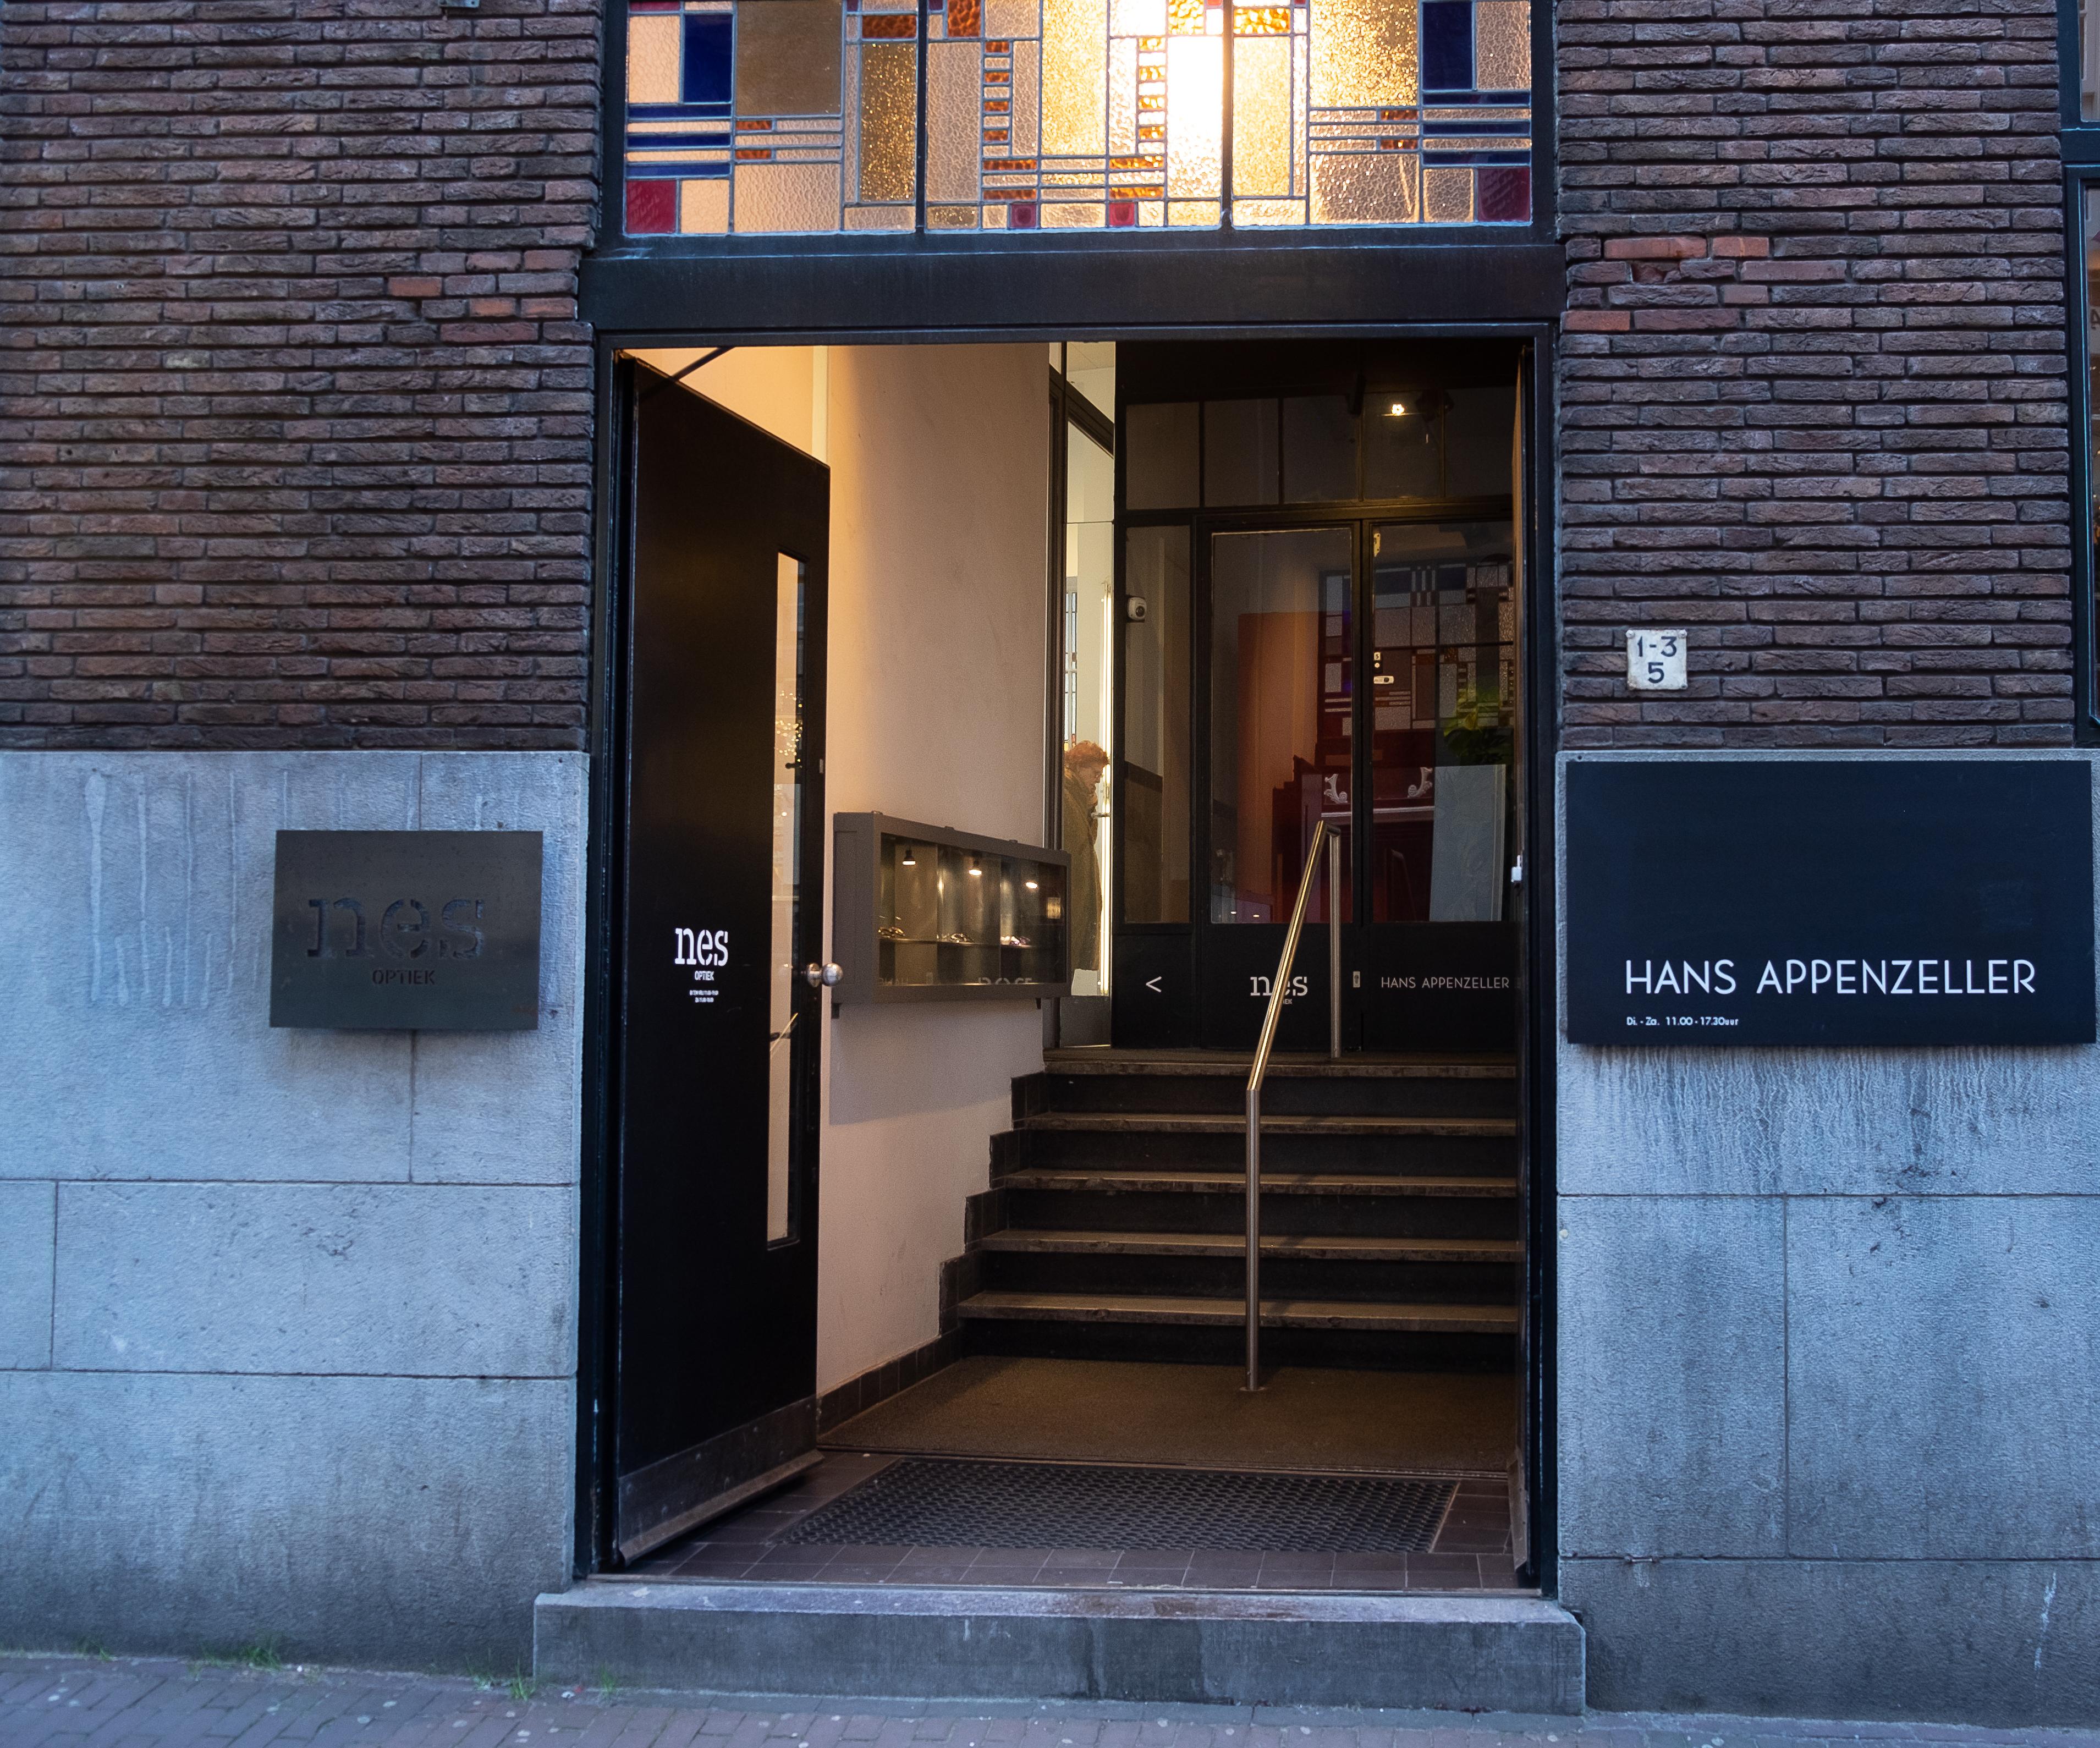 Nes Optiek en Hans Appenzeller, Sieradenkwartier Amsterdam, februari 2019. Foto met dank aan M.O.©